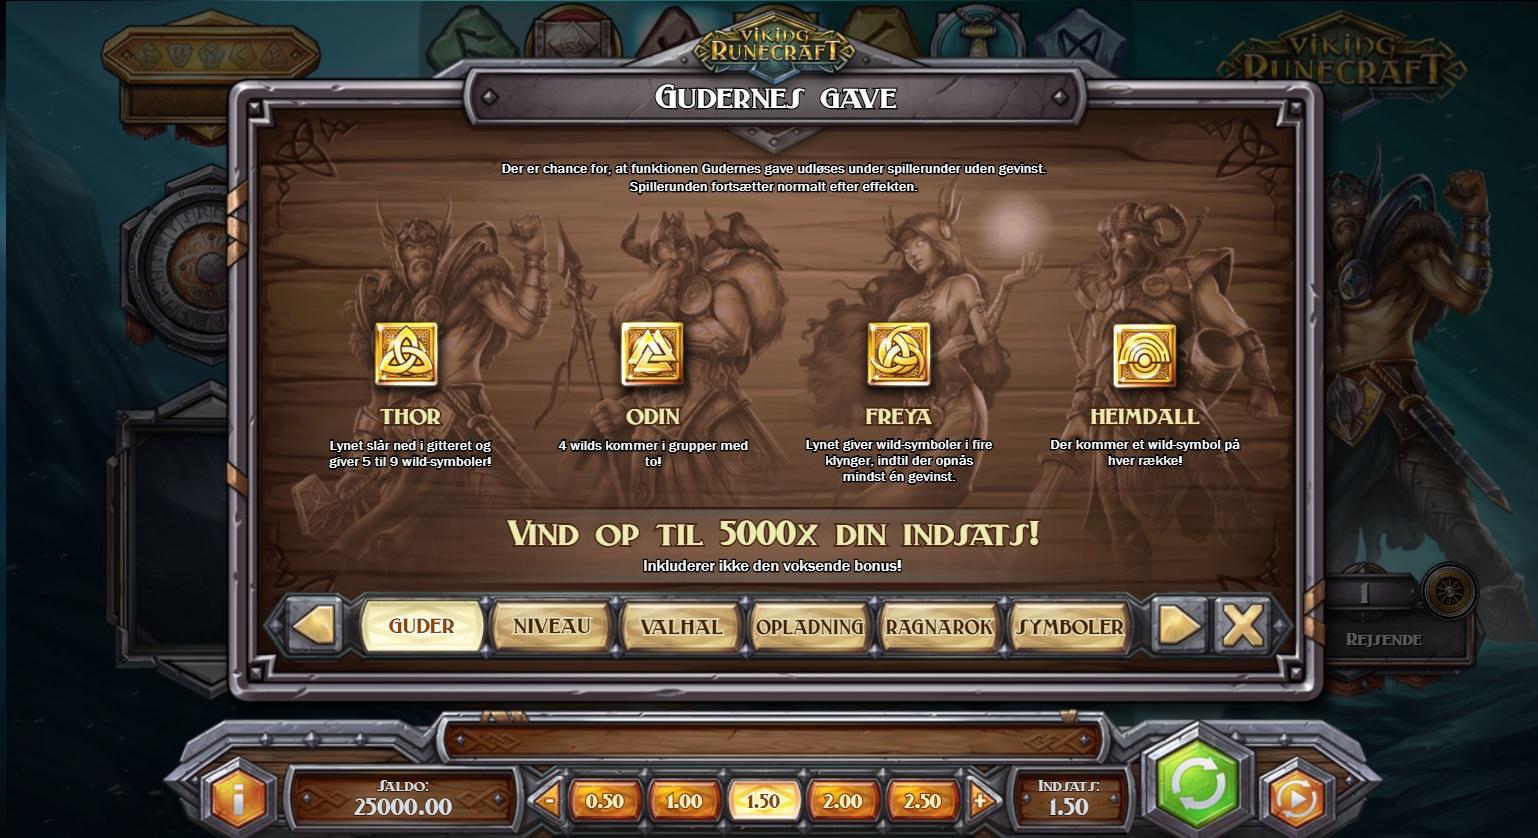 Viking Runecraft Gudernes Gave Feature